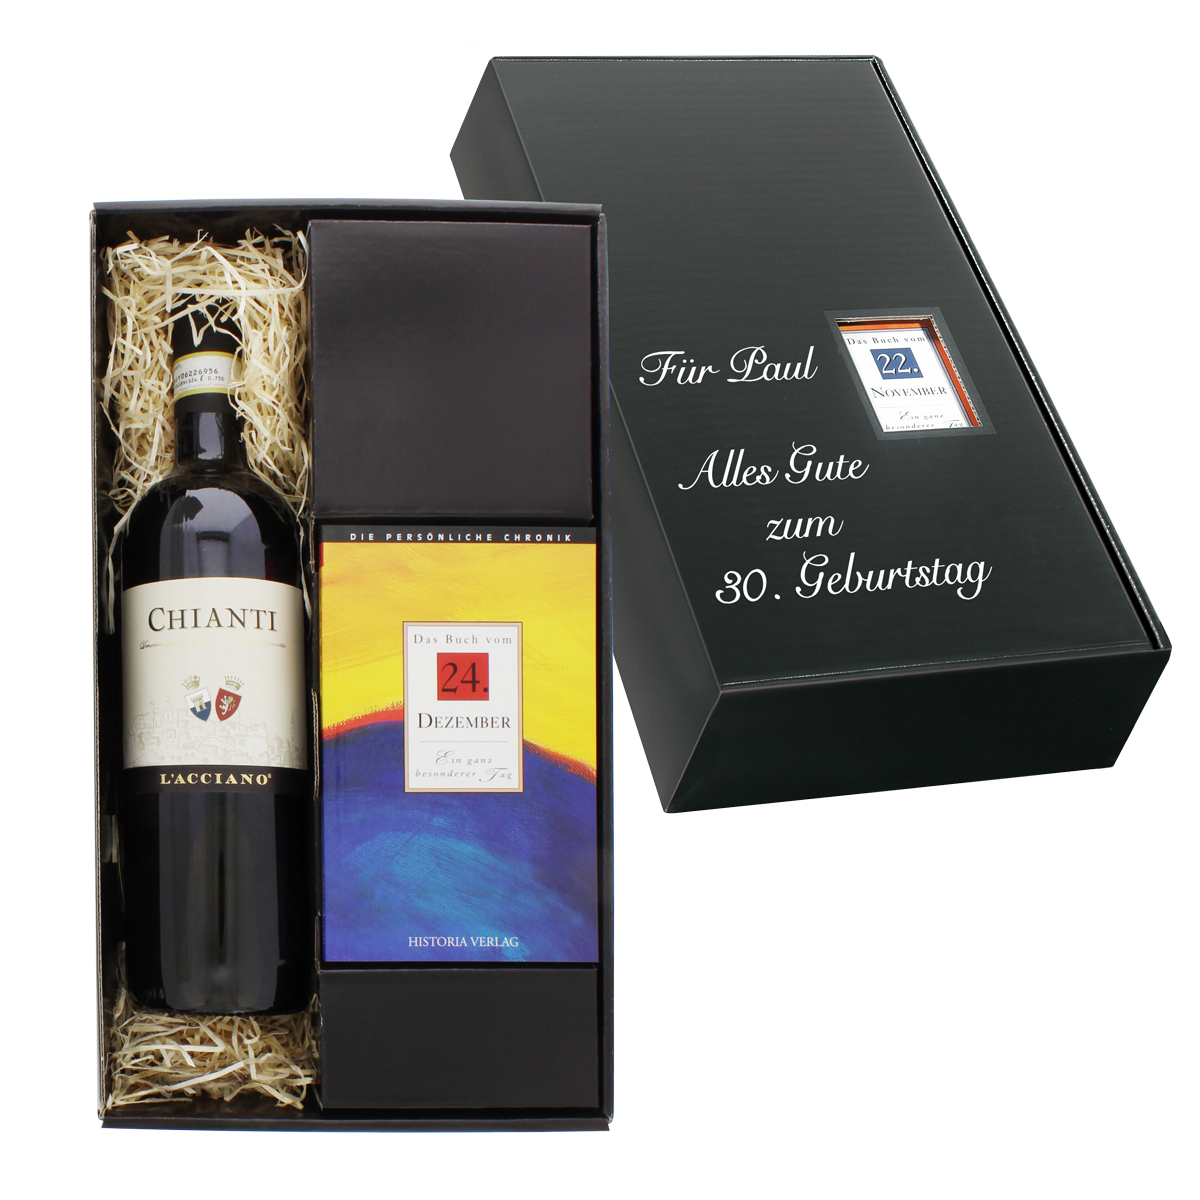 Italien-Set: Tageschronik vom 16. Dezember & Chianti-Wein